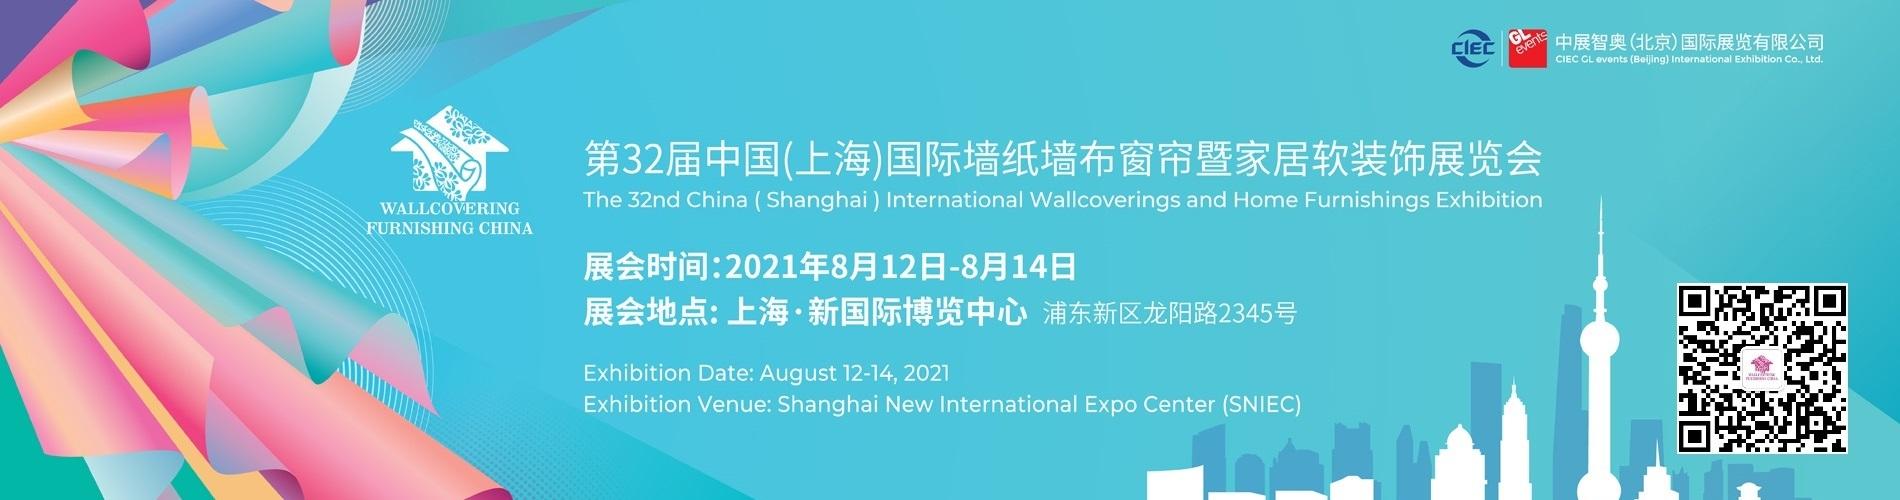 上海墙纸展-内页-1